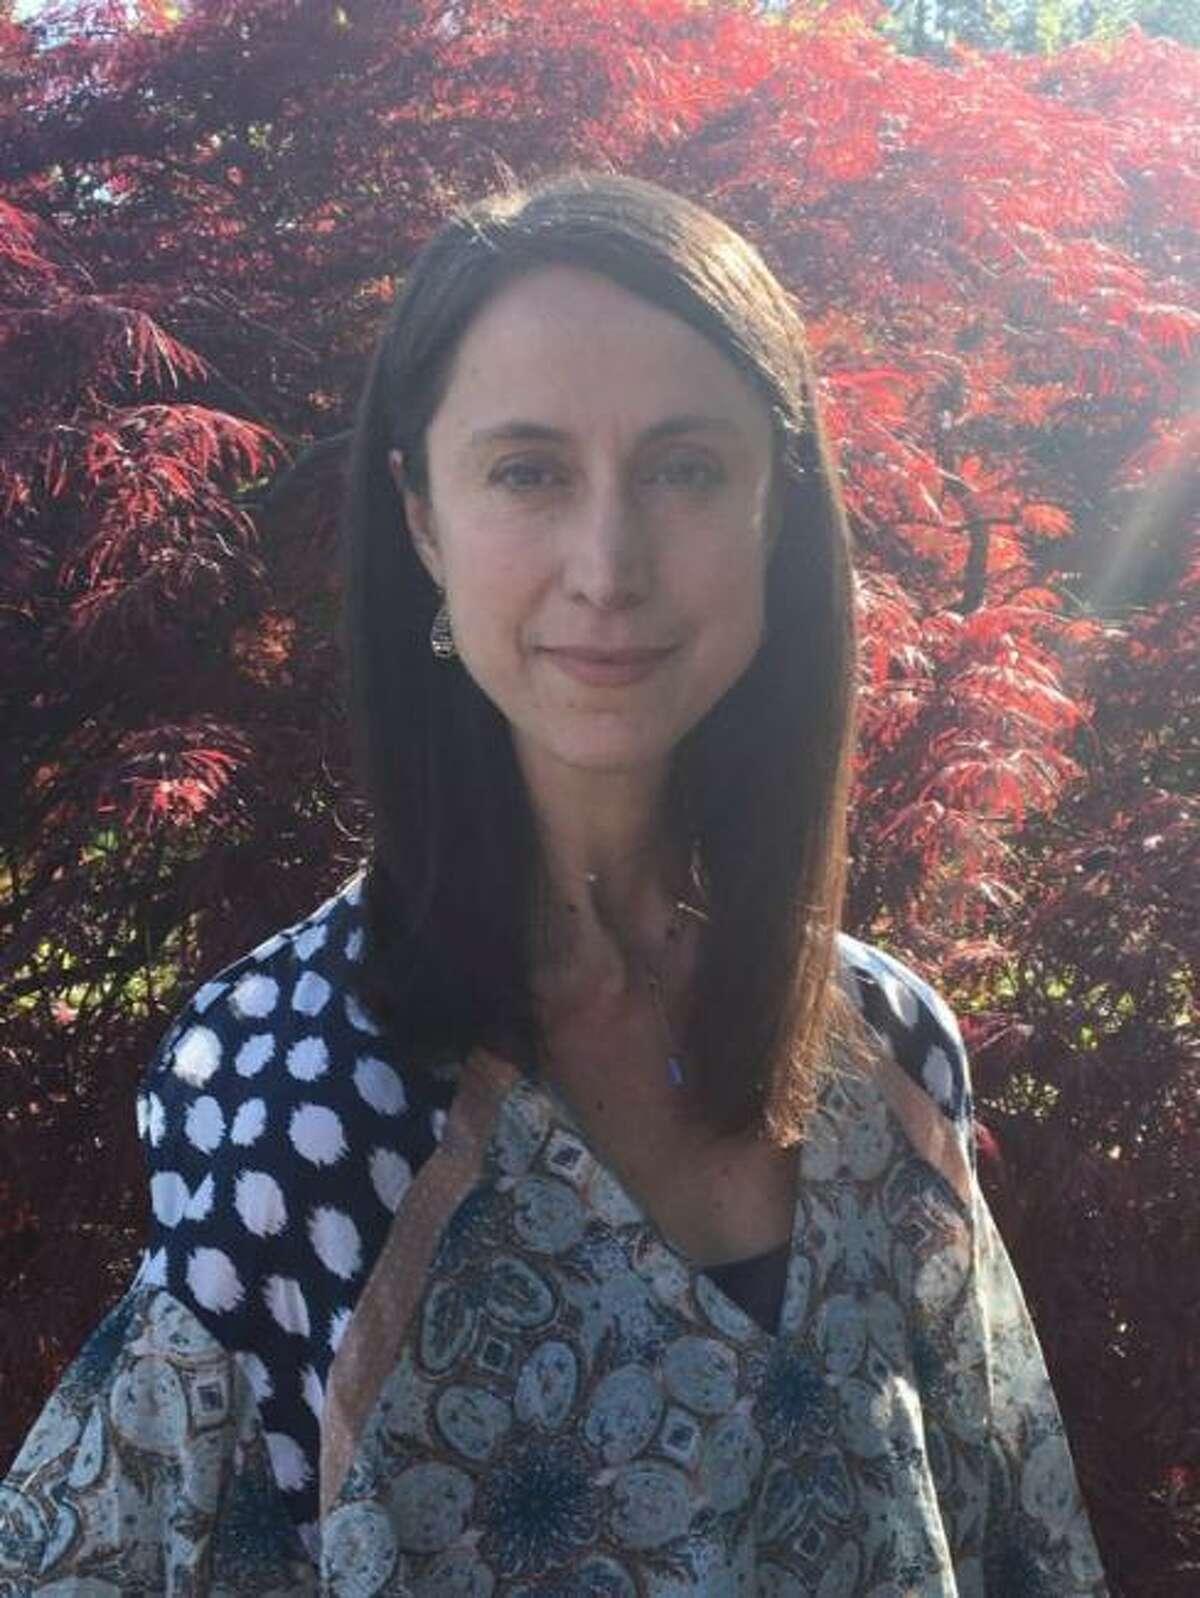 Amanda Valese of Fairfield